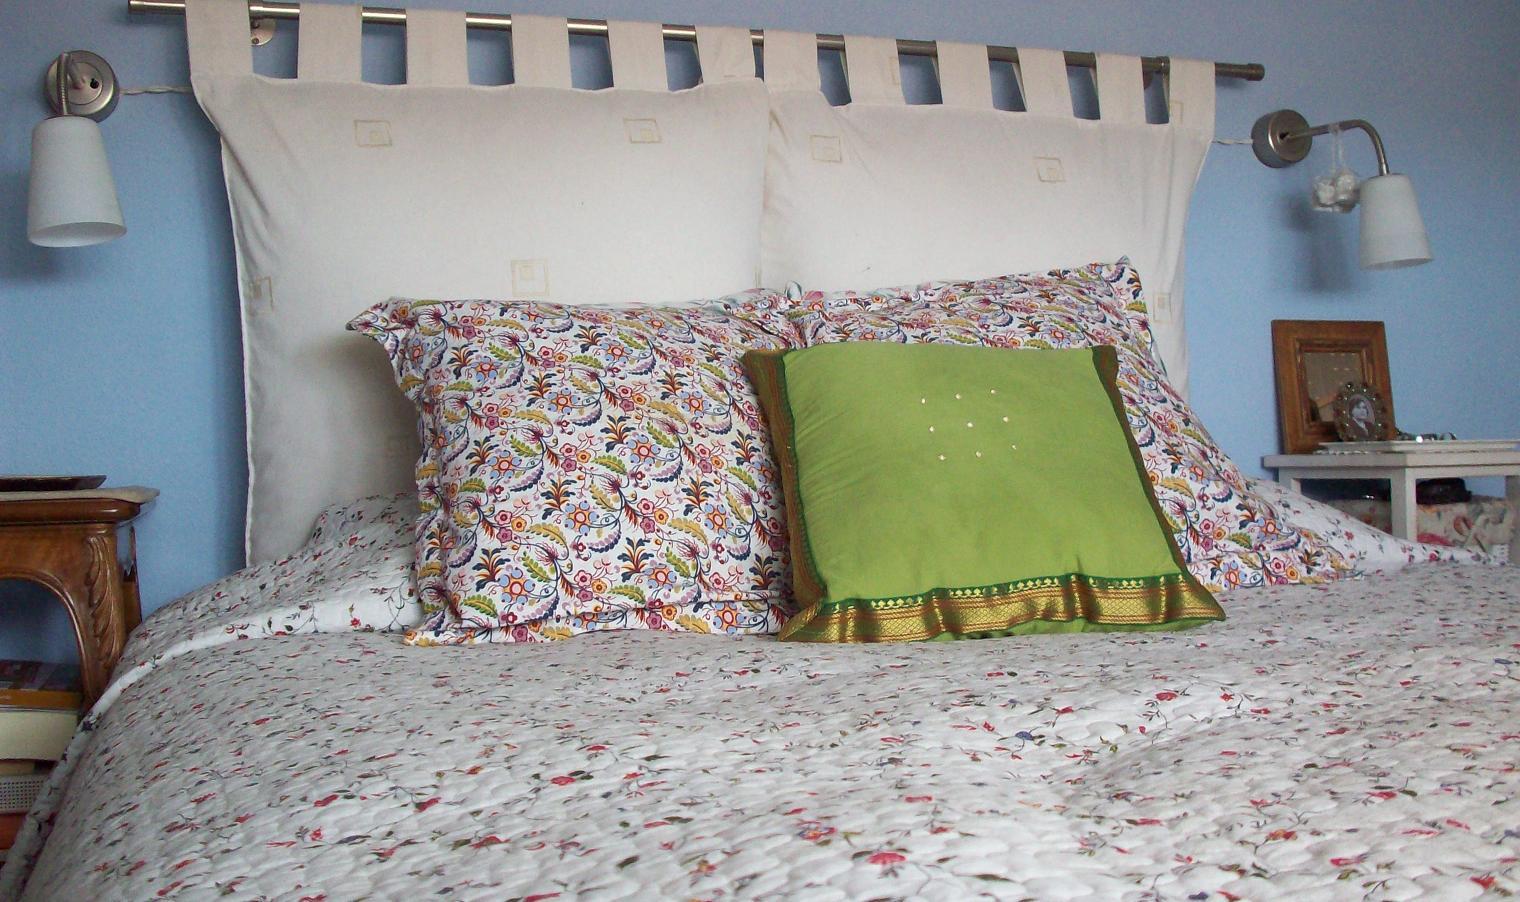 Site cabecero de madera - Como hacer un cabecero de cama economico ...